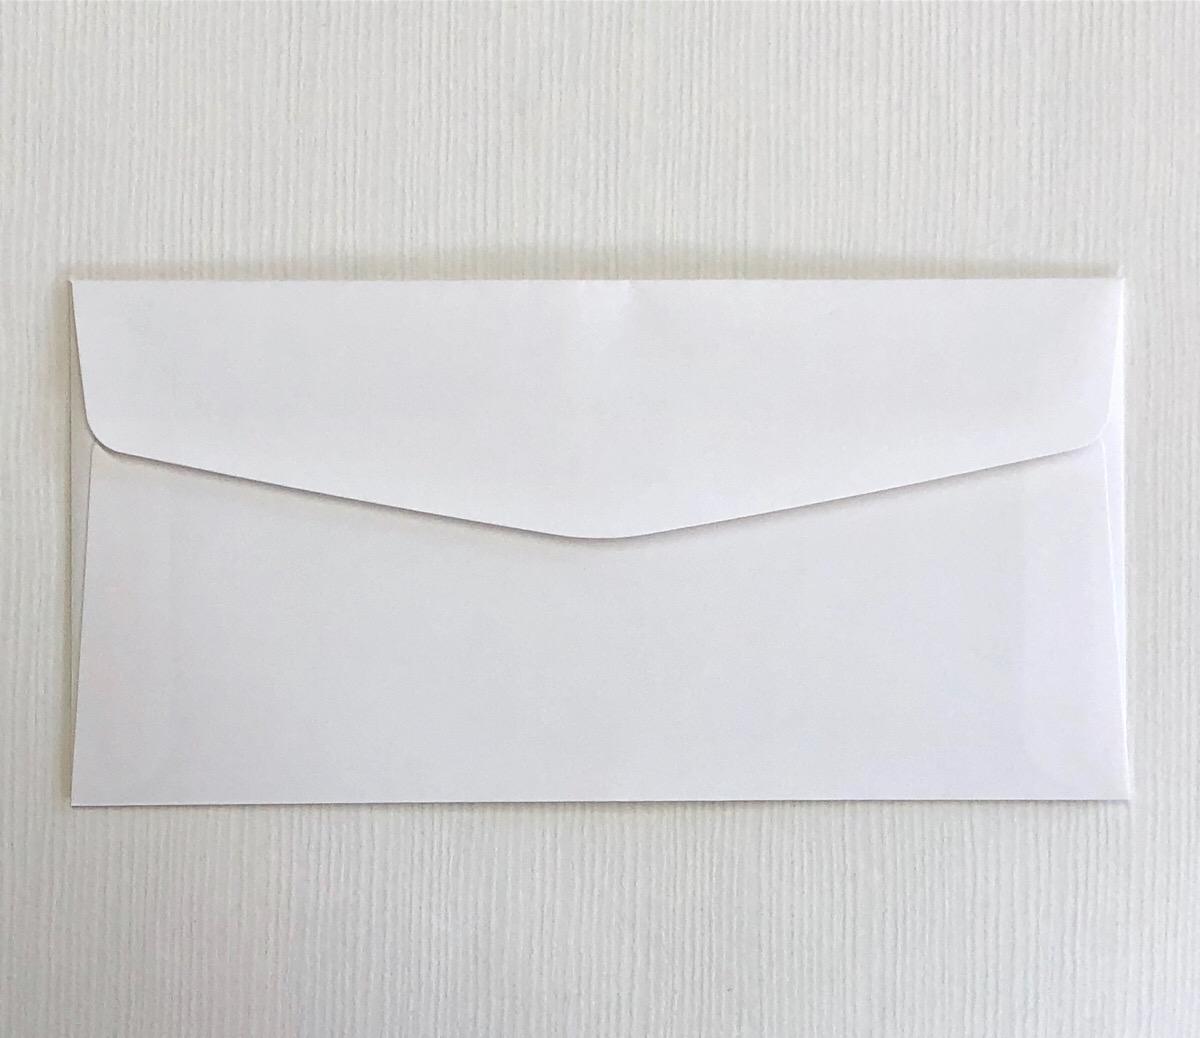 封筒(シックスペンス用)画像